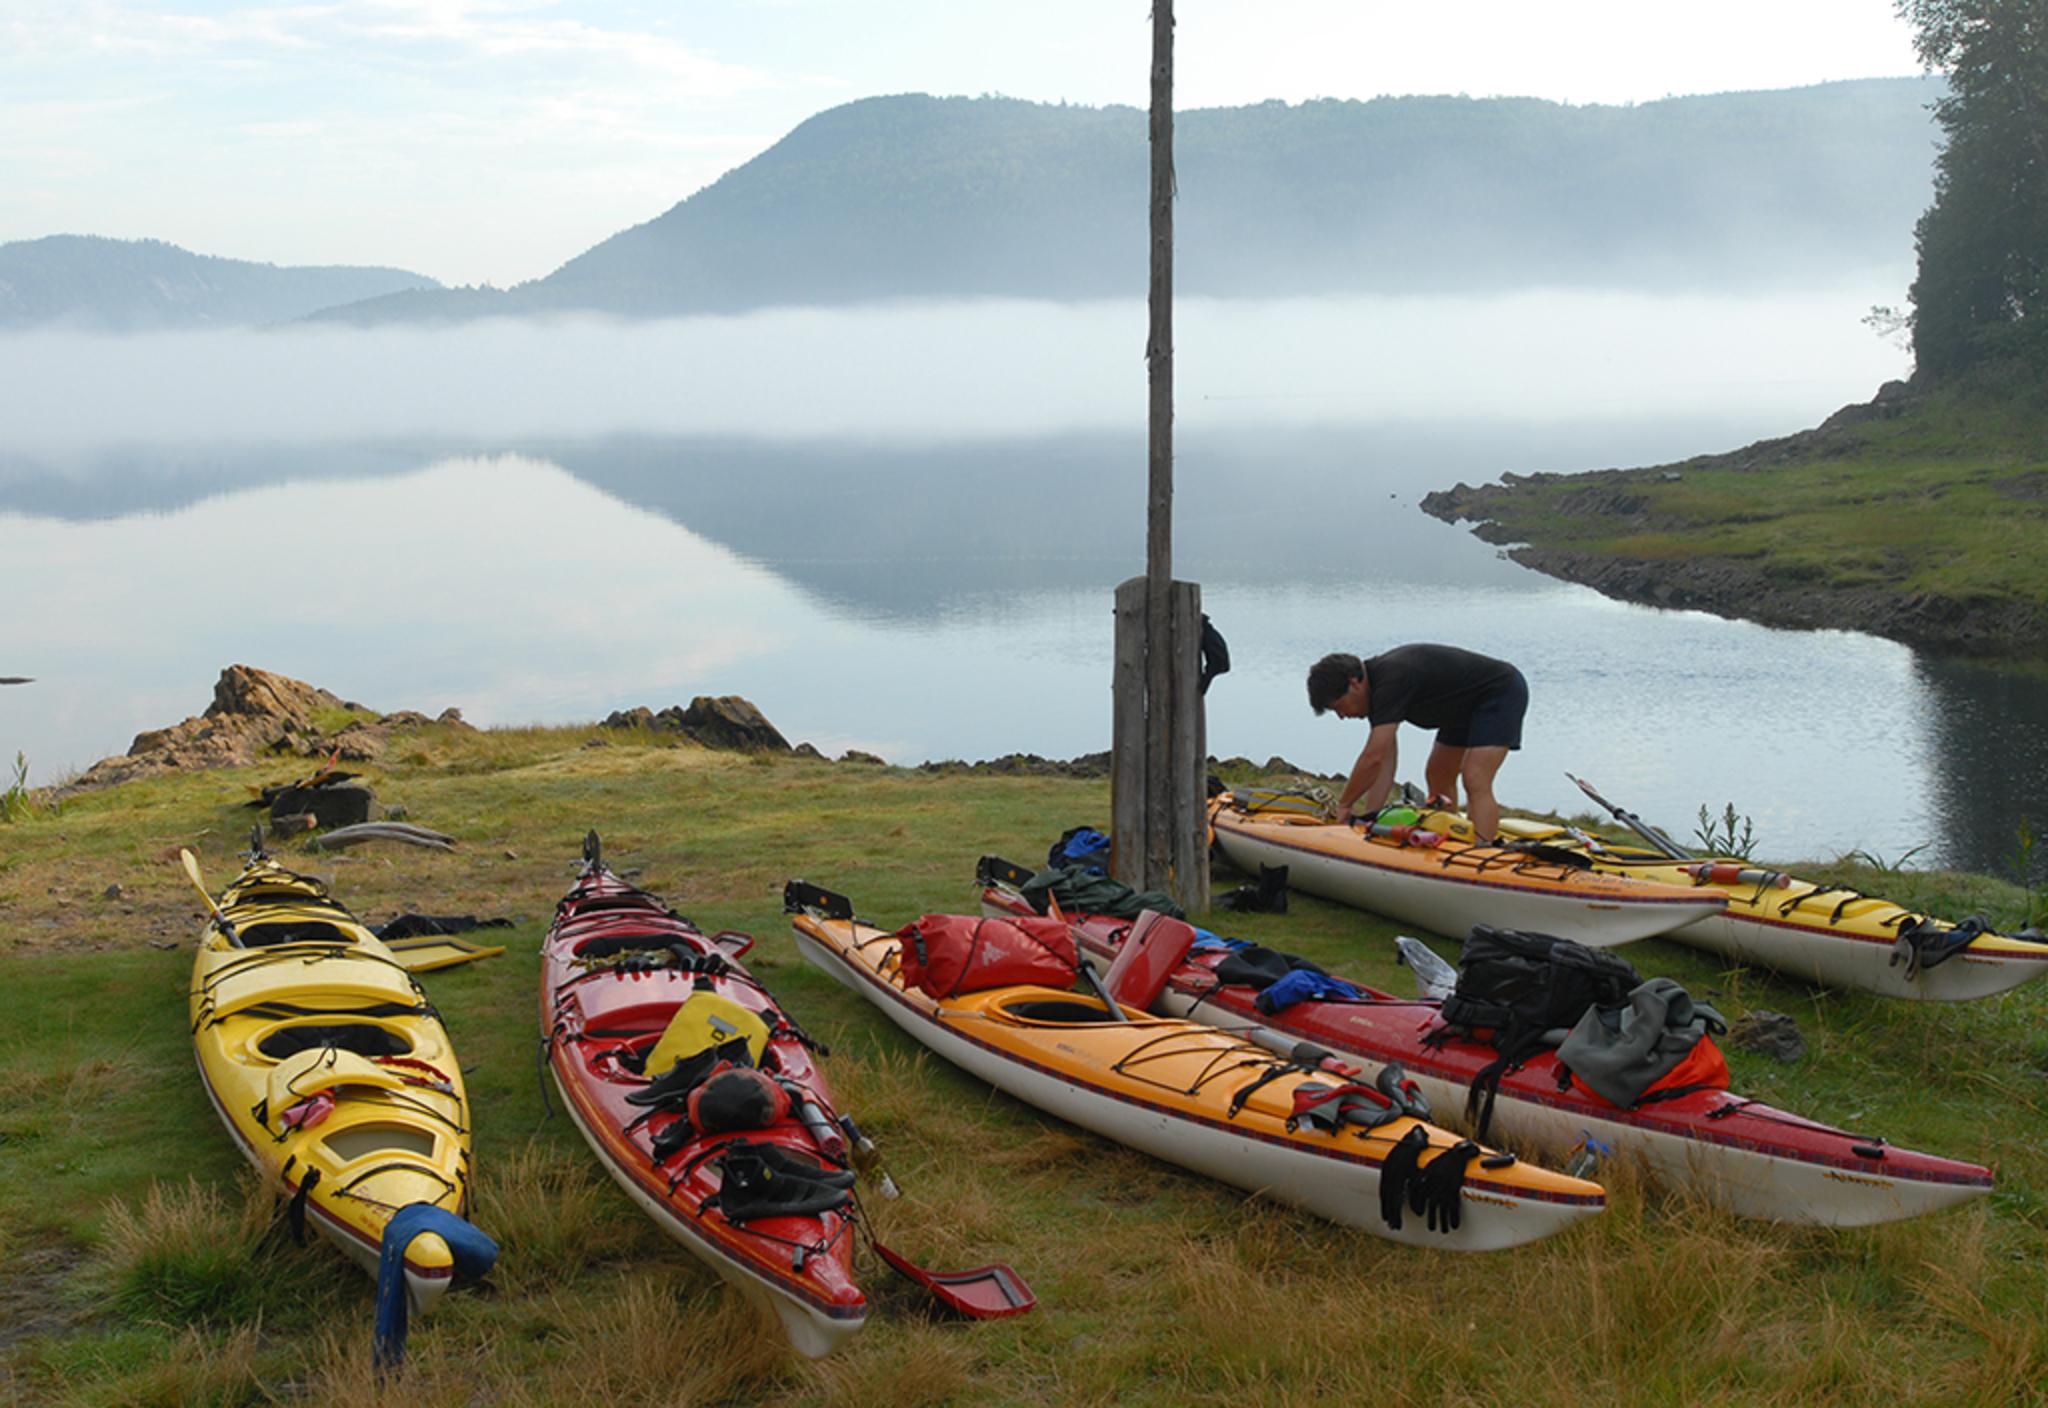 kayak_20camping_20anse_20au_20cheval_20_28c_29_20Fjord_20en_20Kayak_20JC_20Fortin.JPG